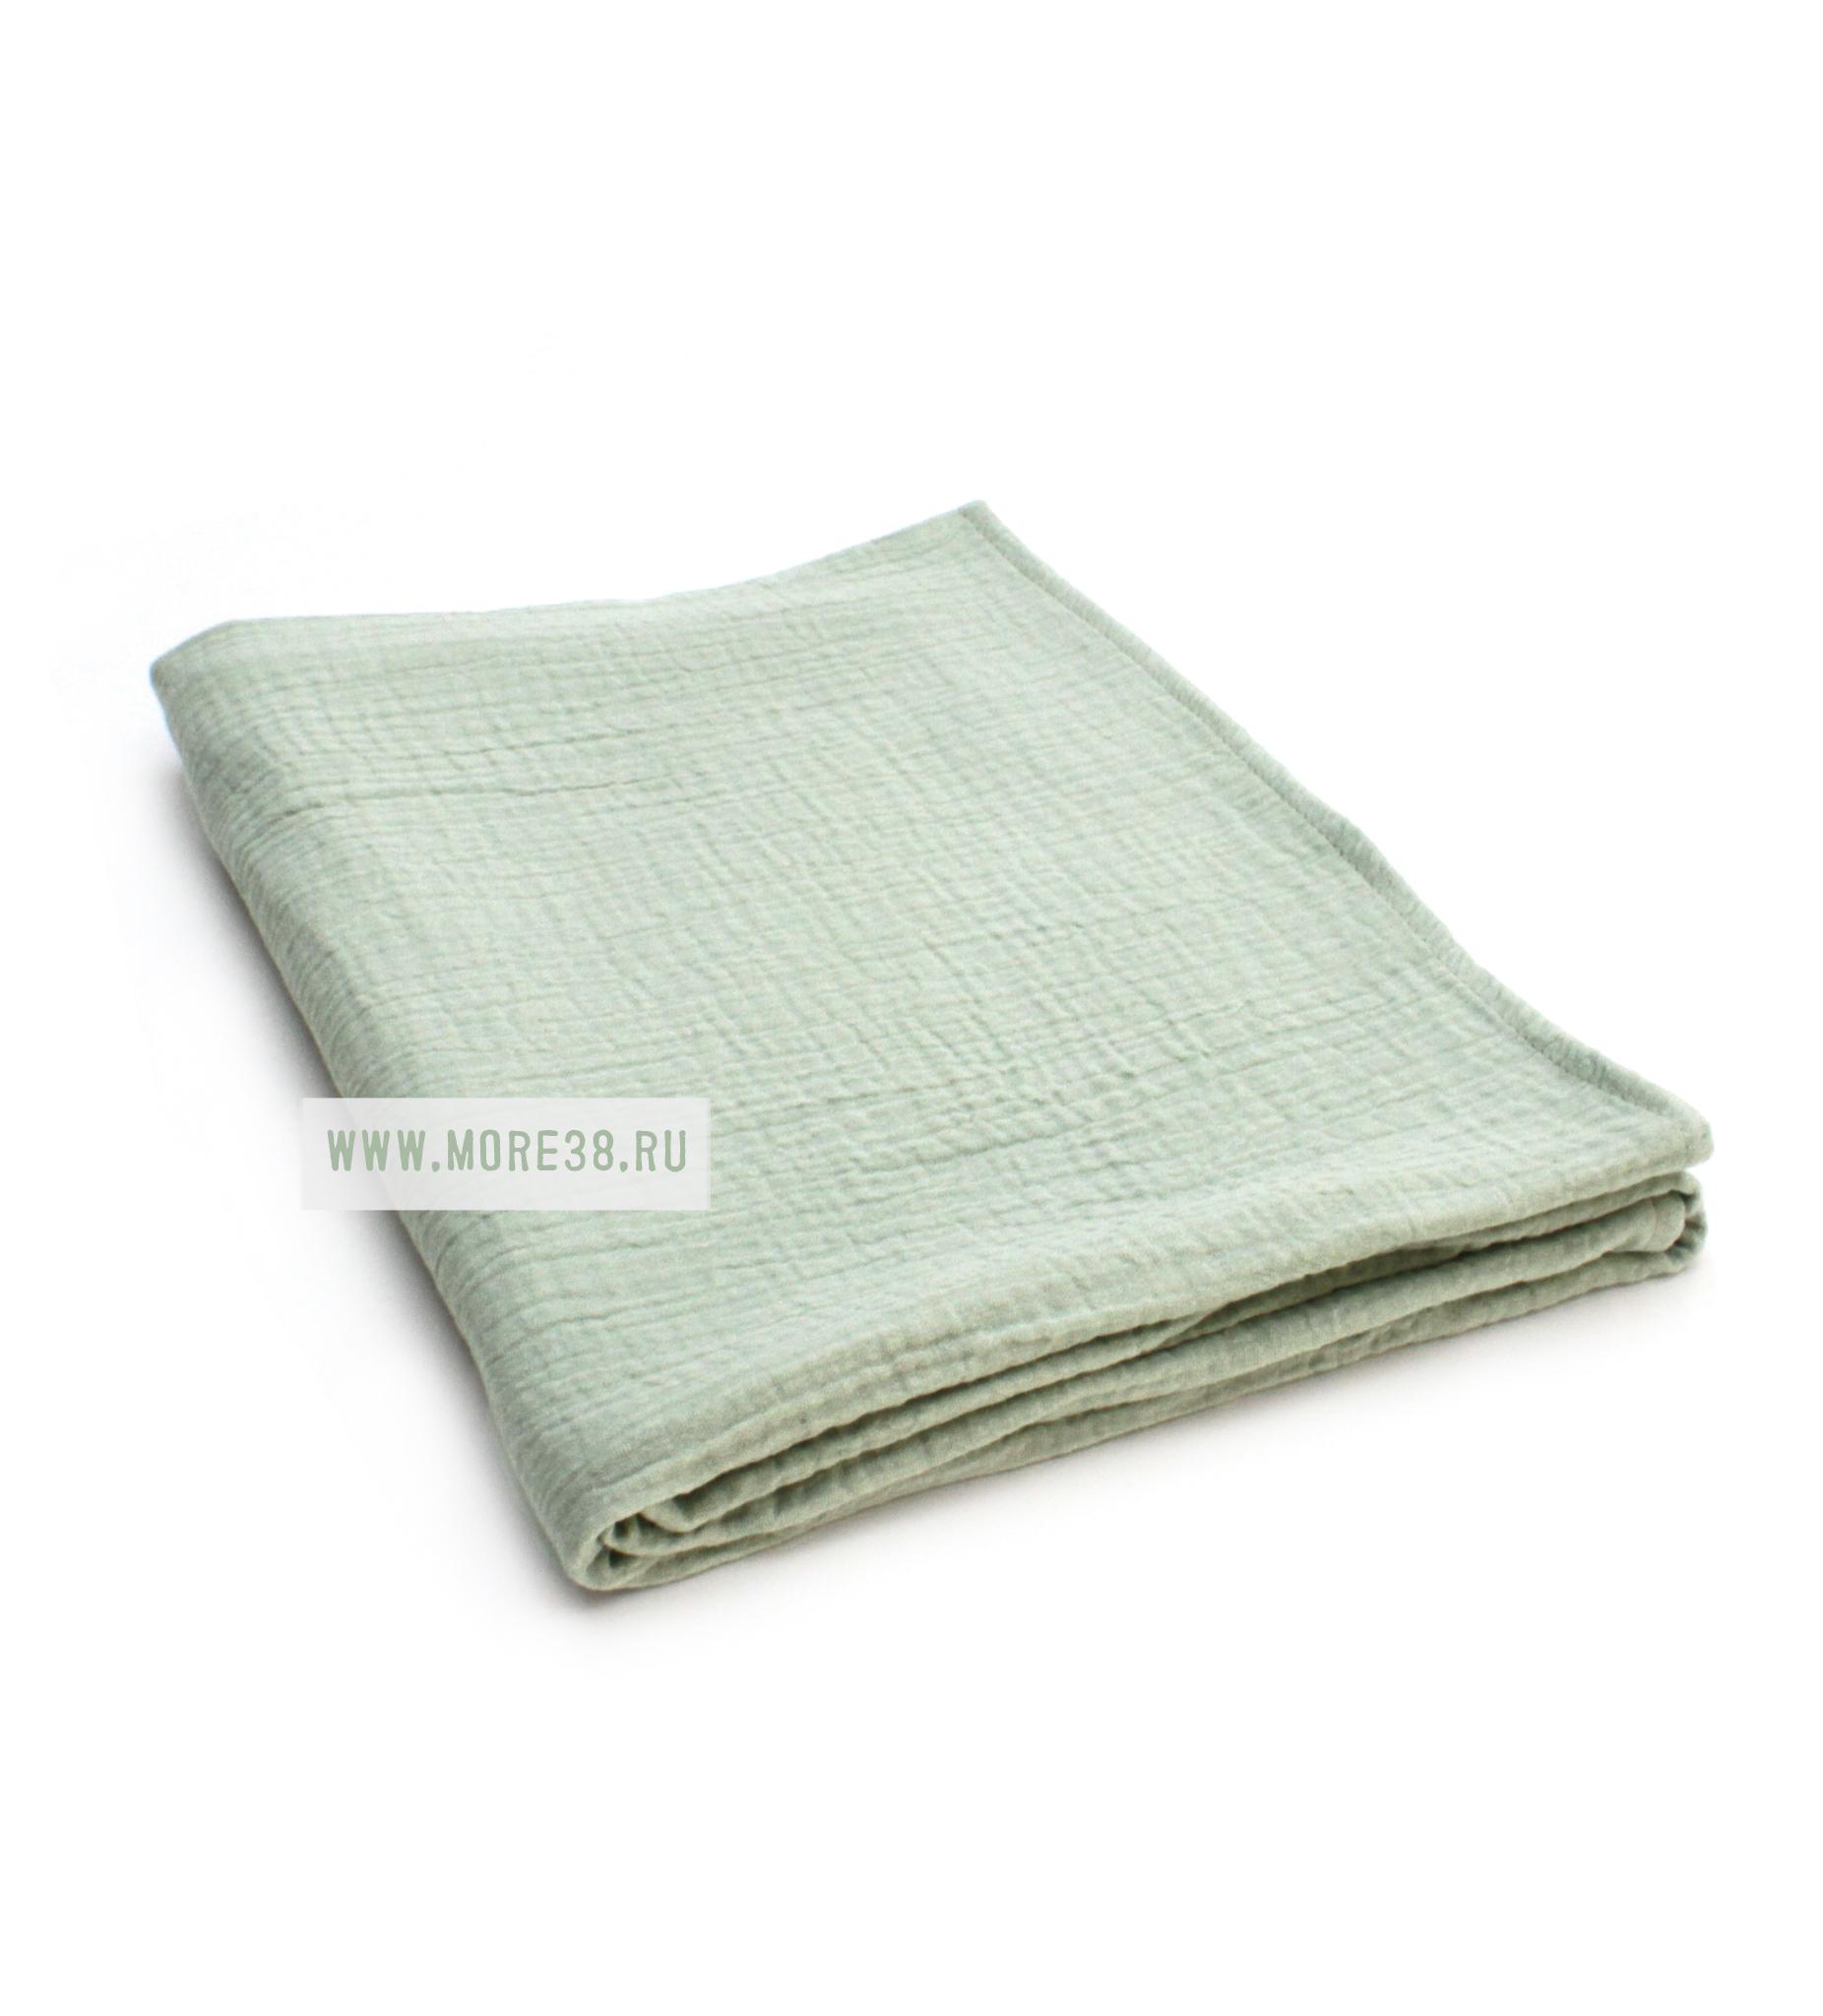 Муслиновая пеленка-фисташка (100х130)